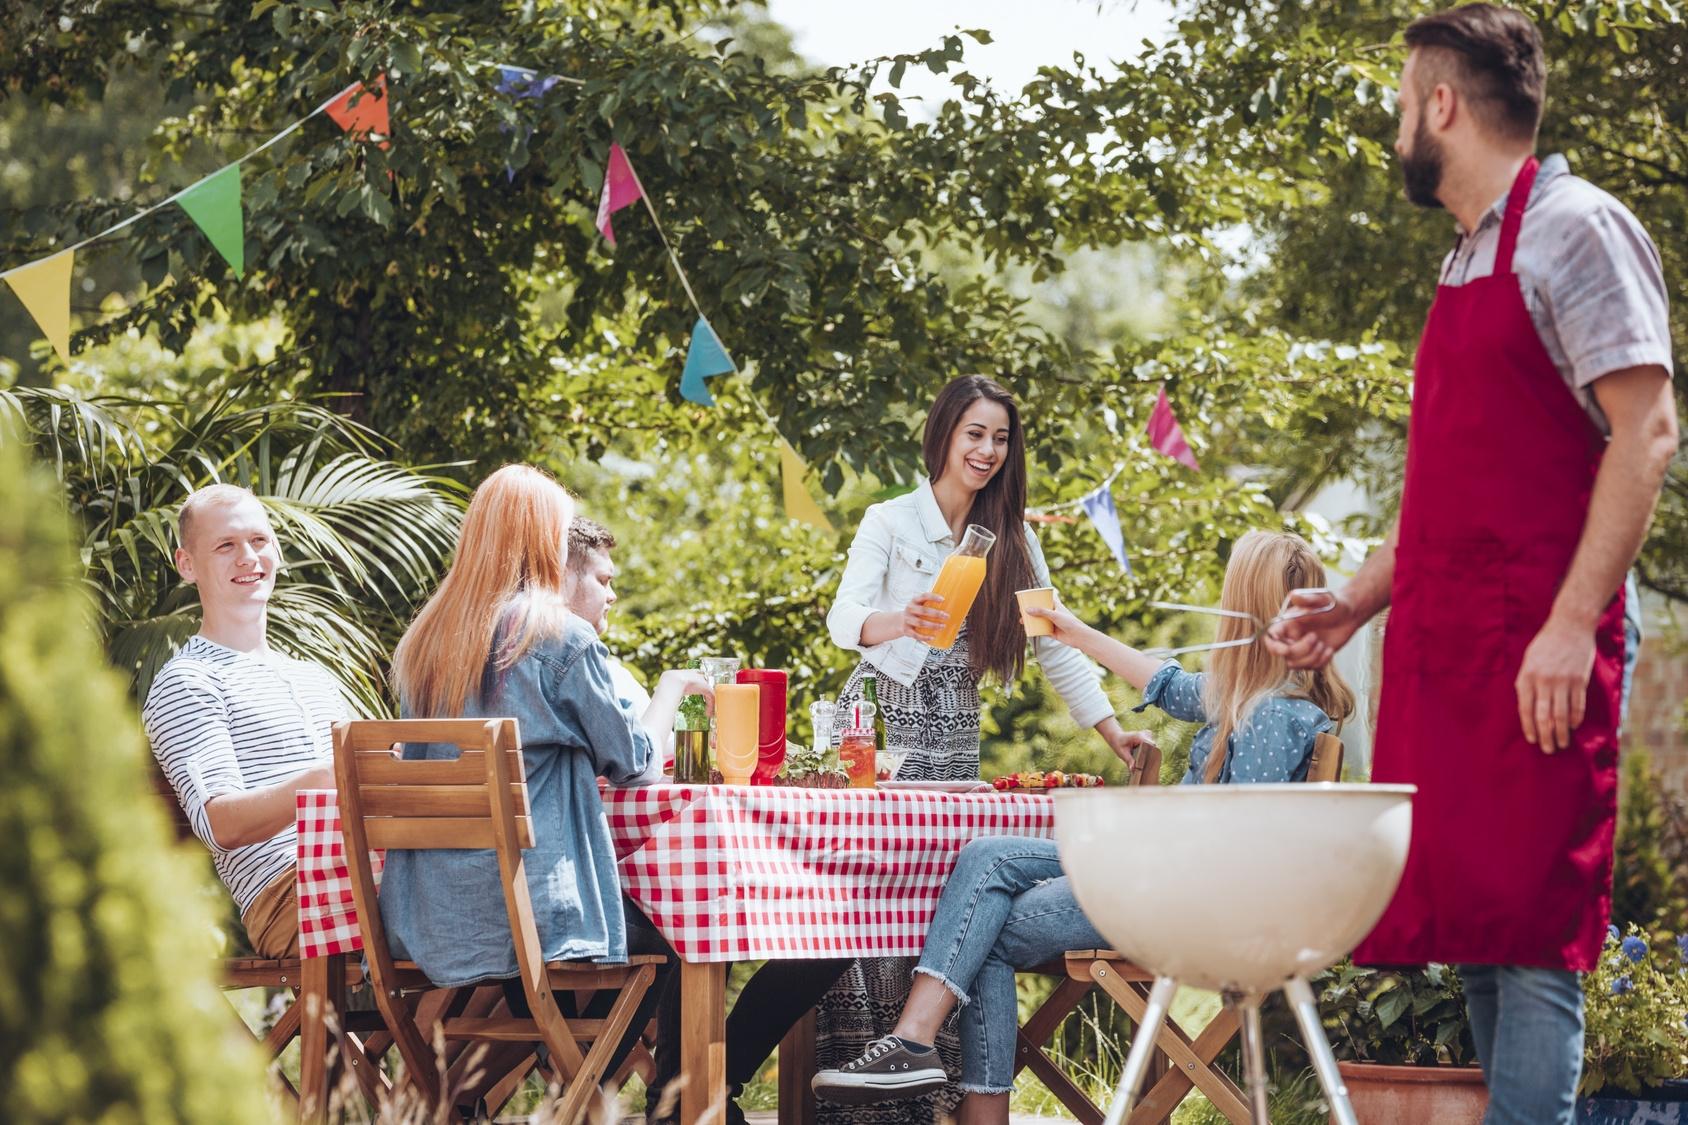 Friends partying in garden